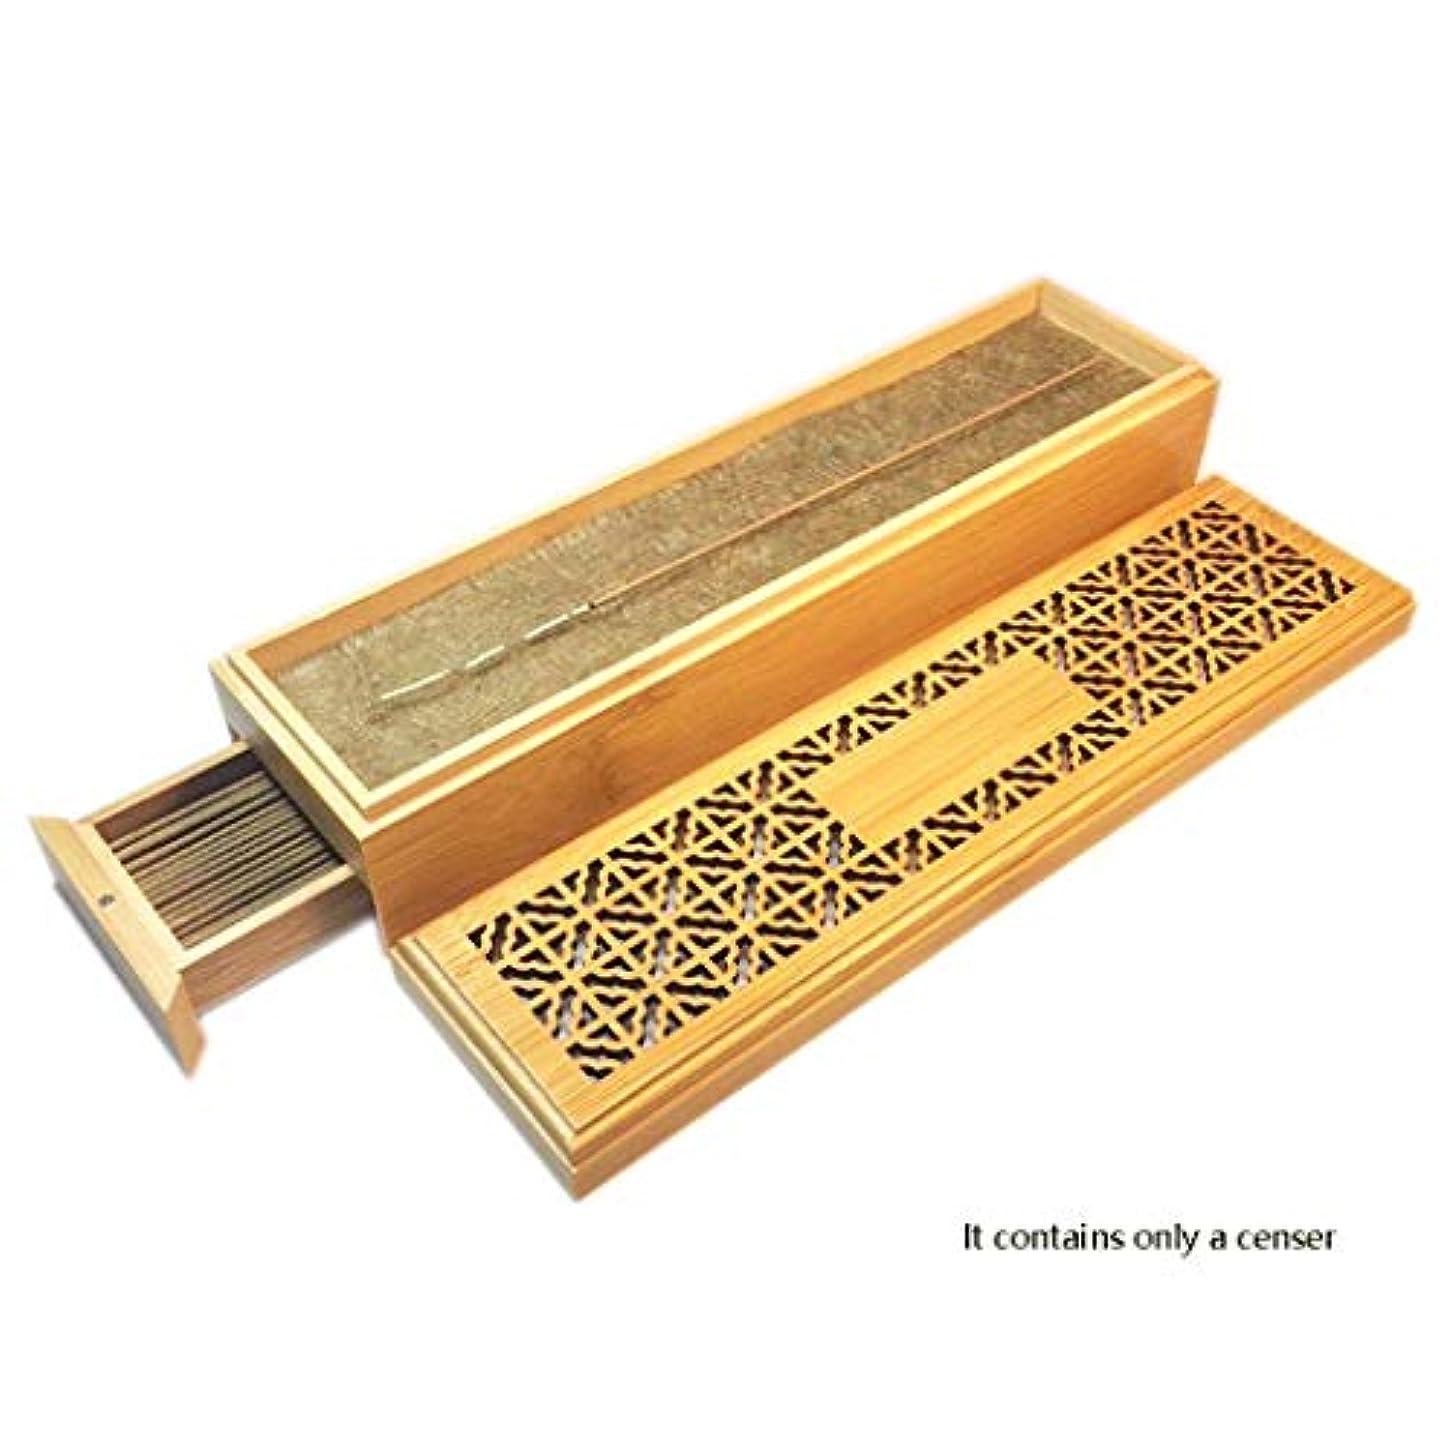 エラー優越ブラウン芳香器?アロマバーナー 竹製お香バーナー引き出し付スティック収納ボックス中空木製ケースボックスIncensoスティックホルダー アロマバーナー芳香器 (Color : Natural)